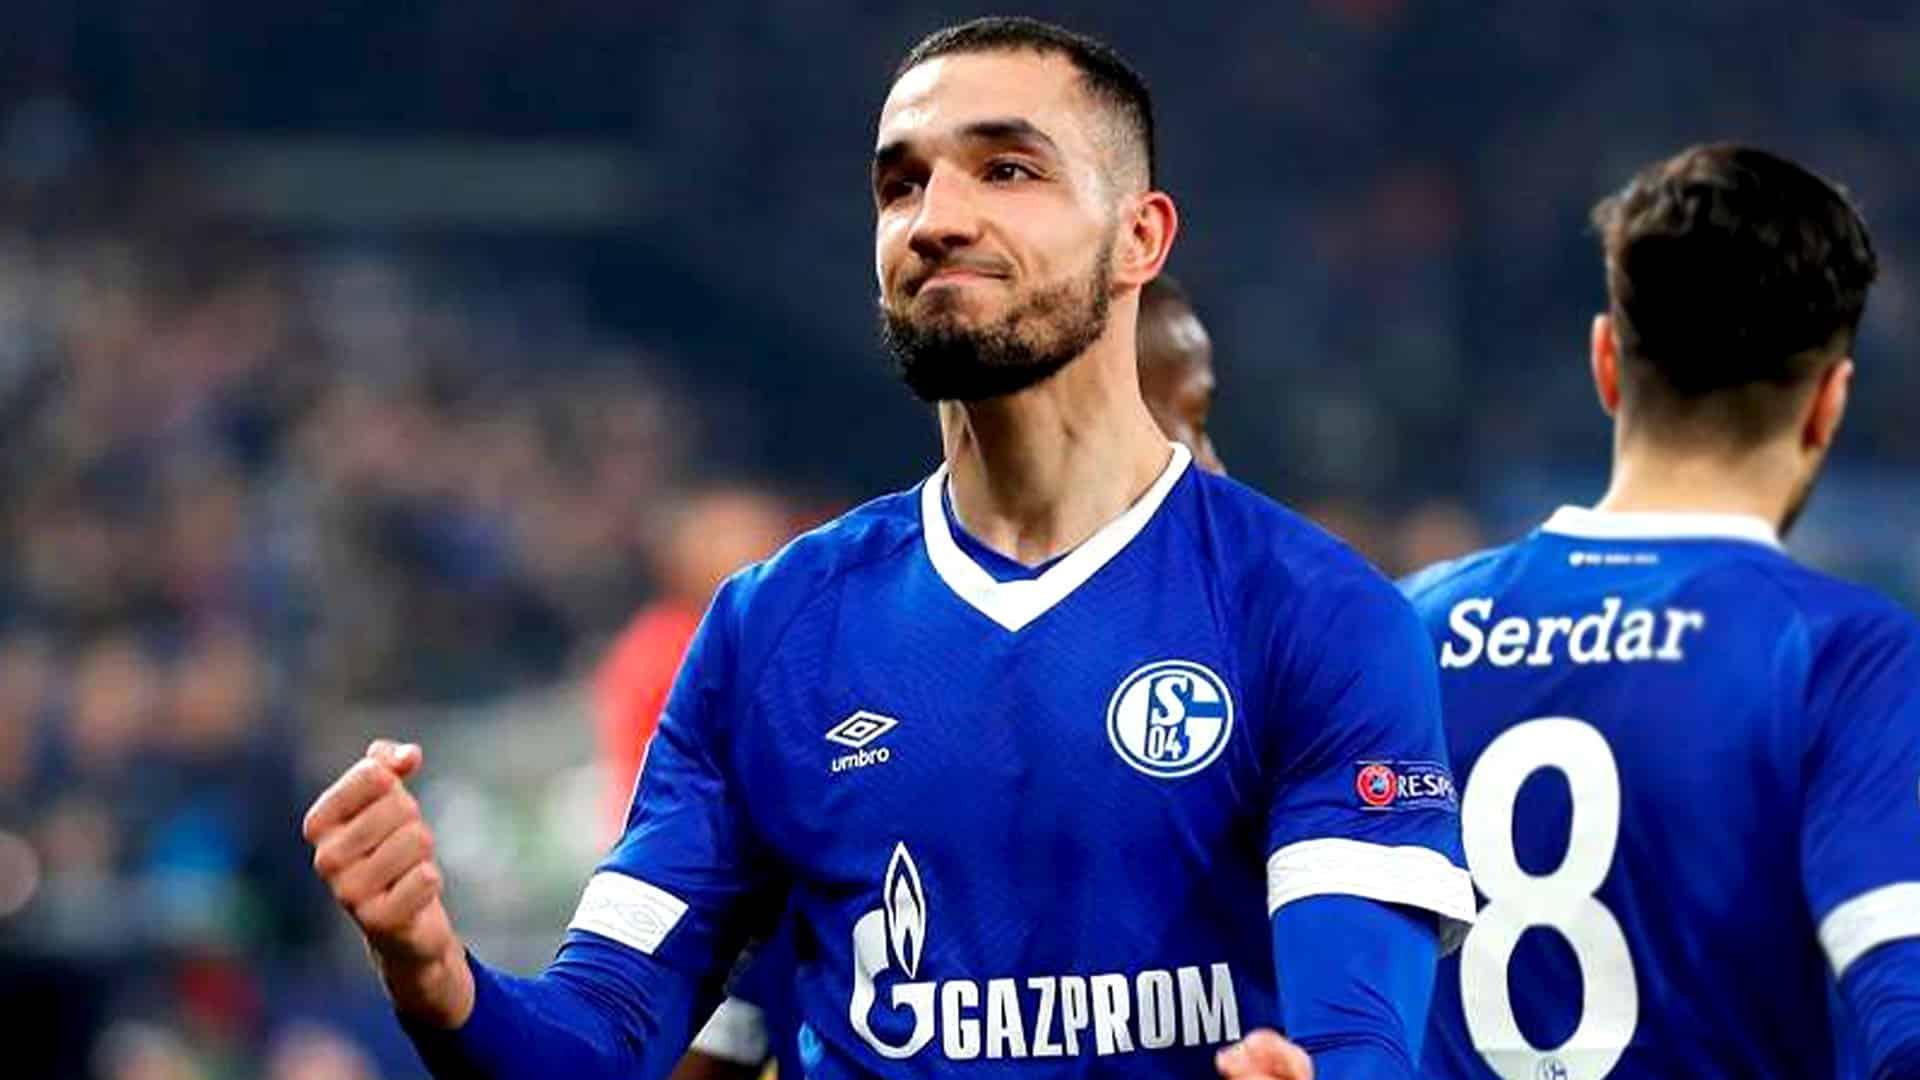 Algériens d'Europe : Nabil Bentaleb en route vers le championnat de France ?